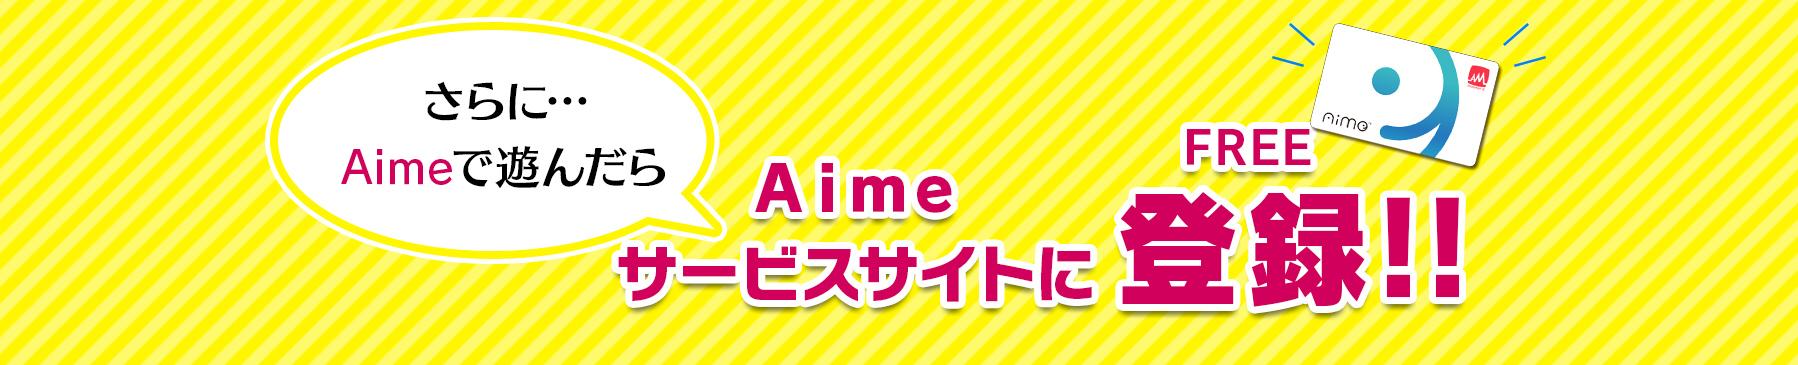 さらに…Aimeで遊んだらAimeサービスサイトに登録!!